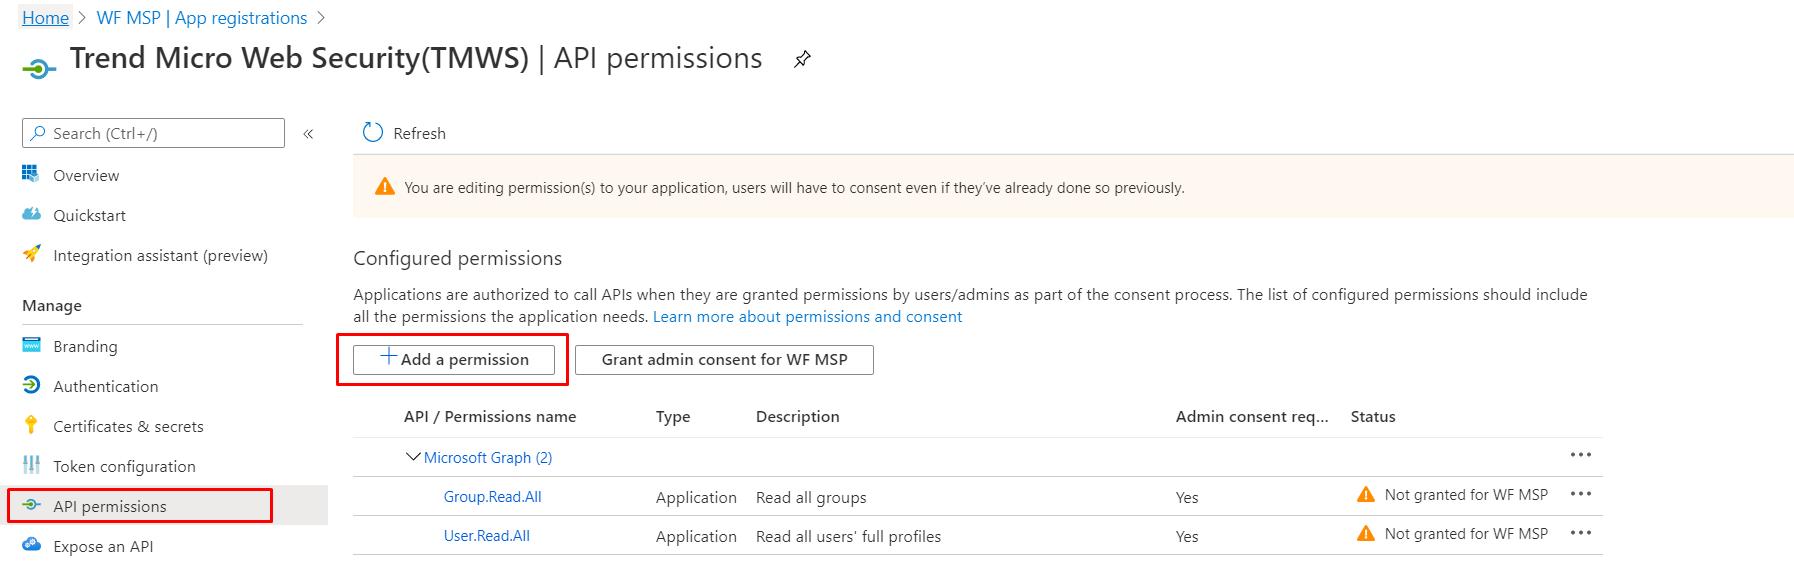 Select Add a permission